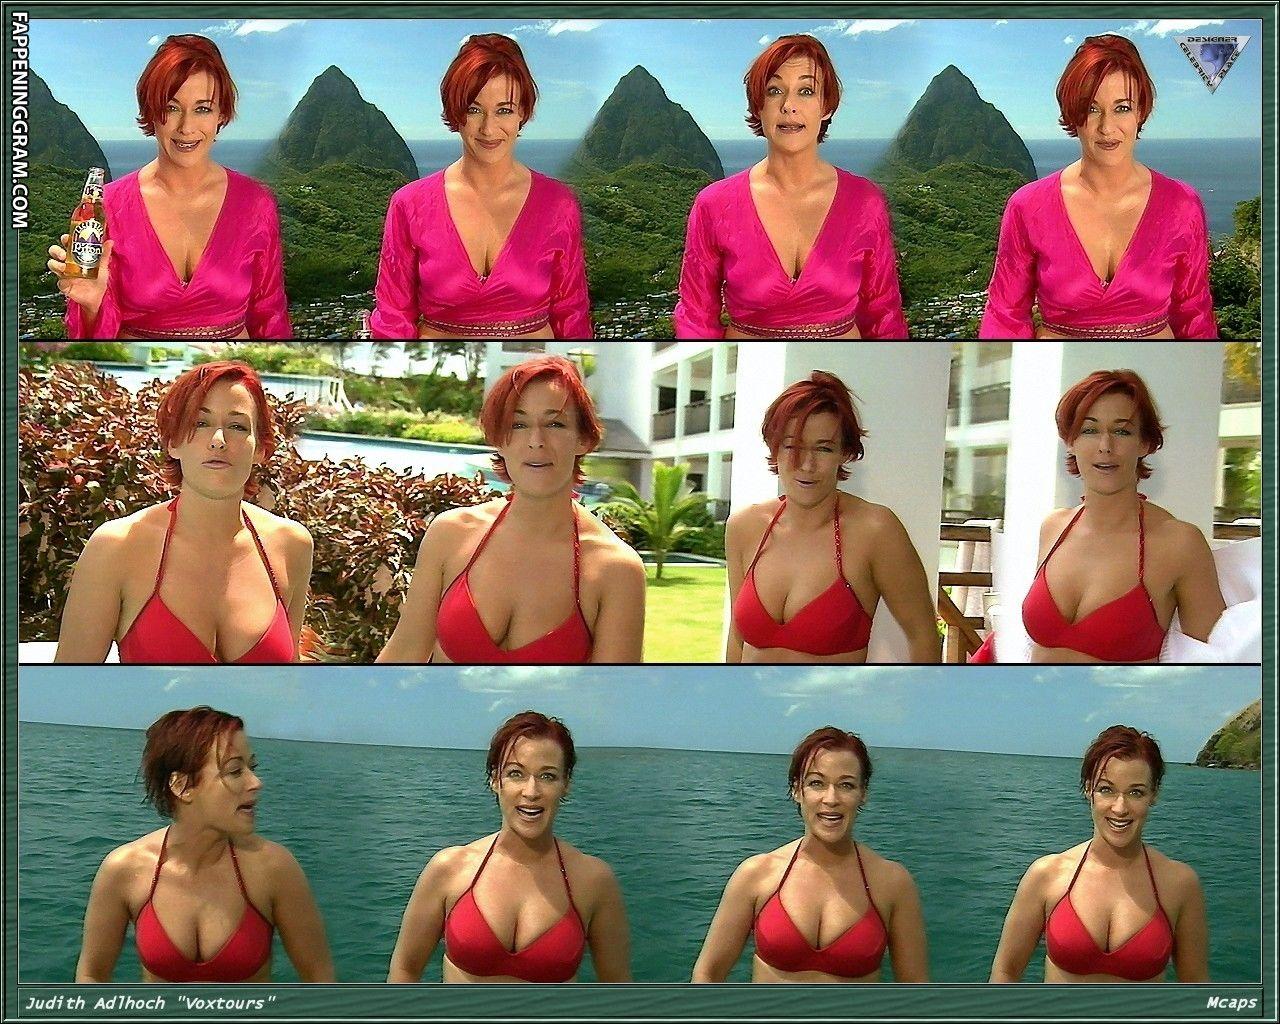 Judith Adlhoch Nude